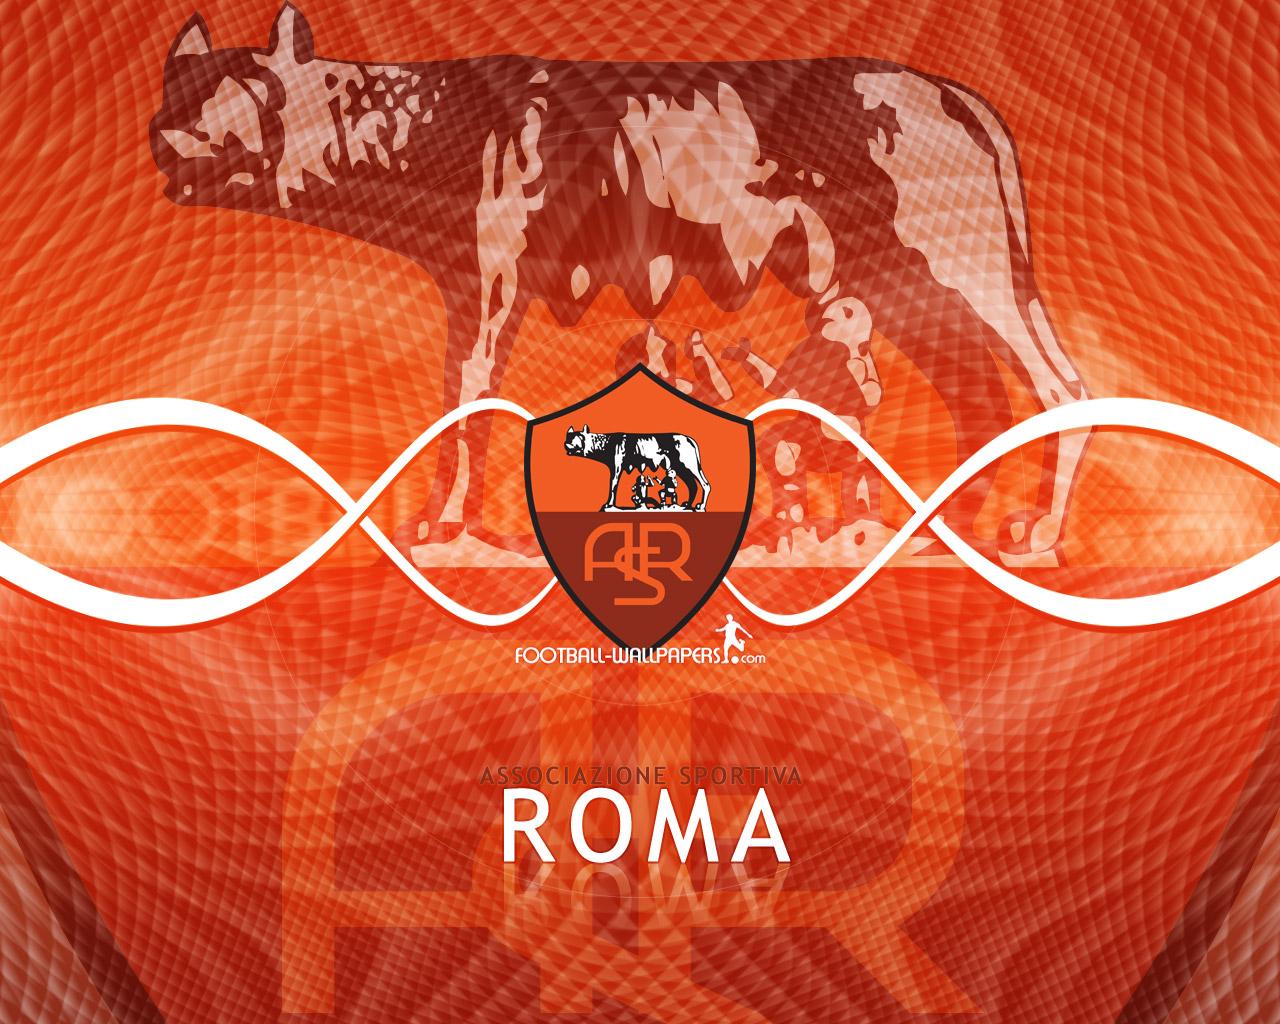 http://1.bp.blogspot.com/--Zn2hjxY2j0/T_Z6C2OwPLI/AAAAAAAABO4/tdcgmYZB9iA/s1600/AS+Roma+5.jpg